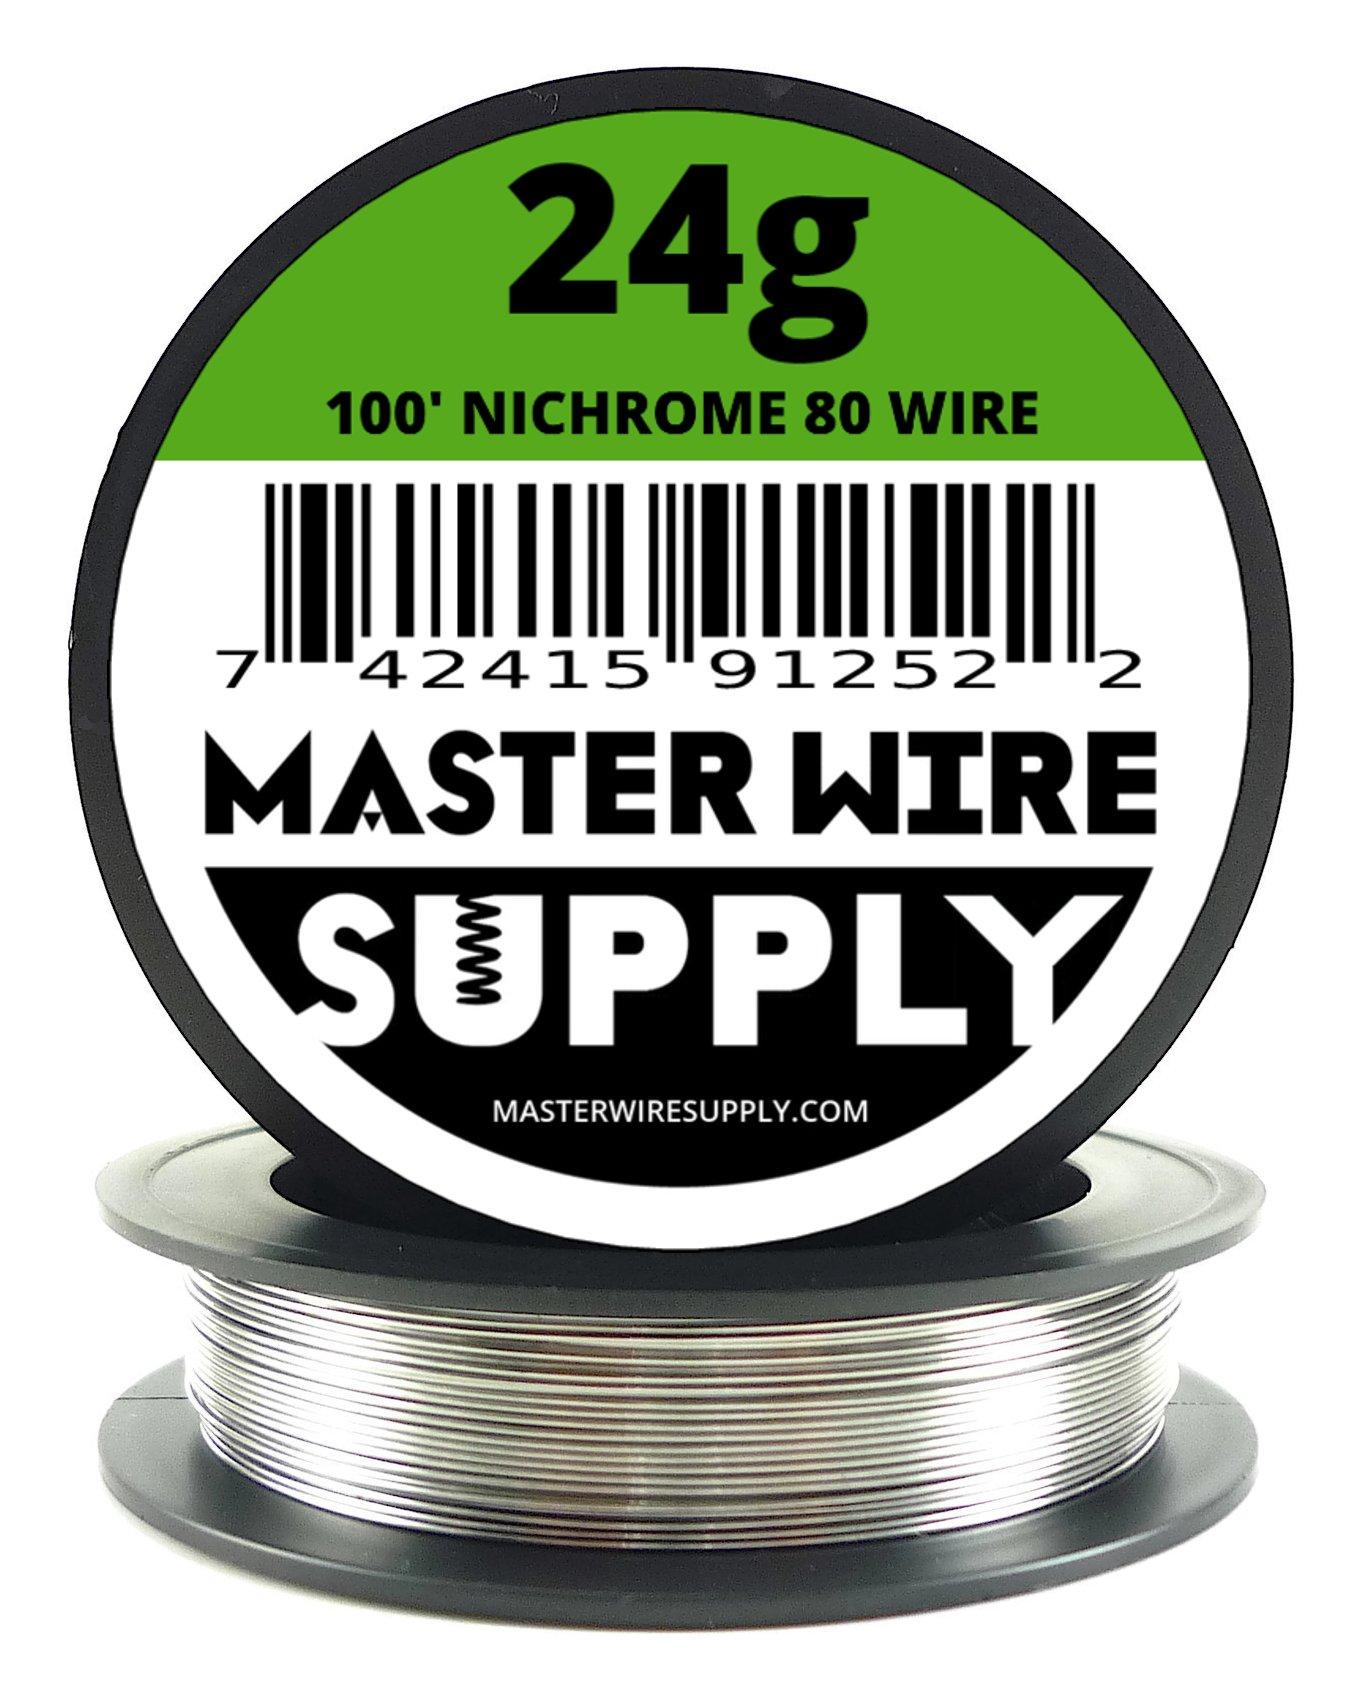 Nichrome 80-100' - 24 Gauge Resistance Wire